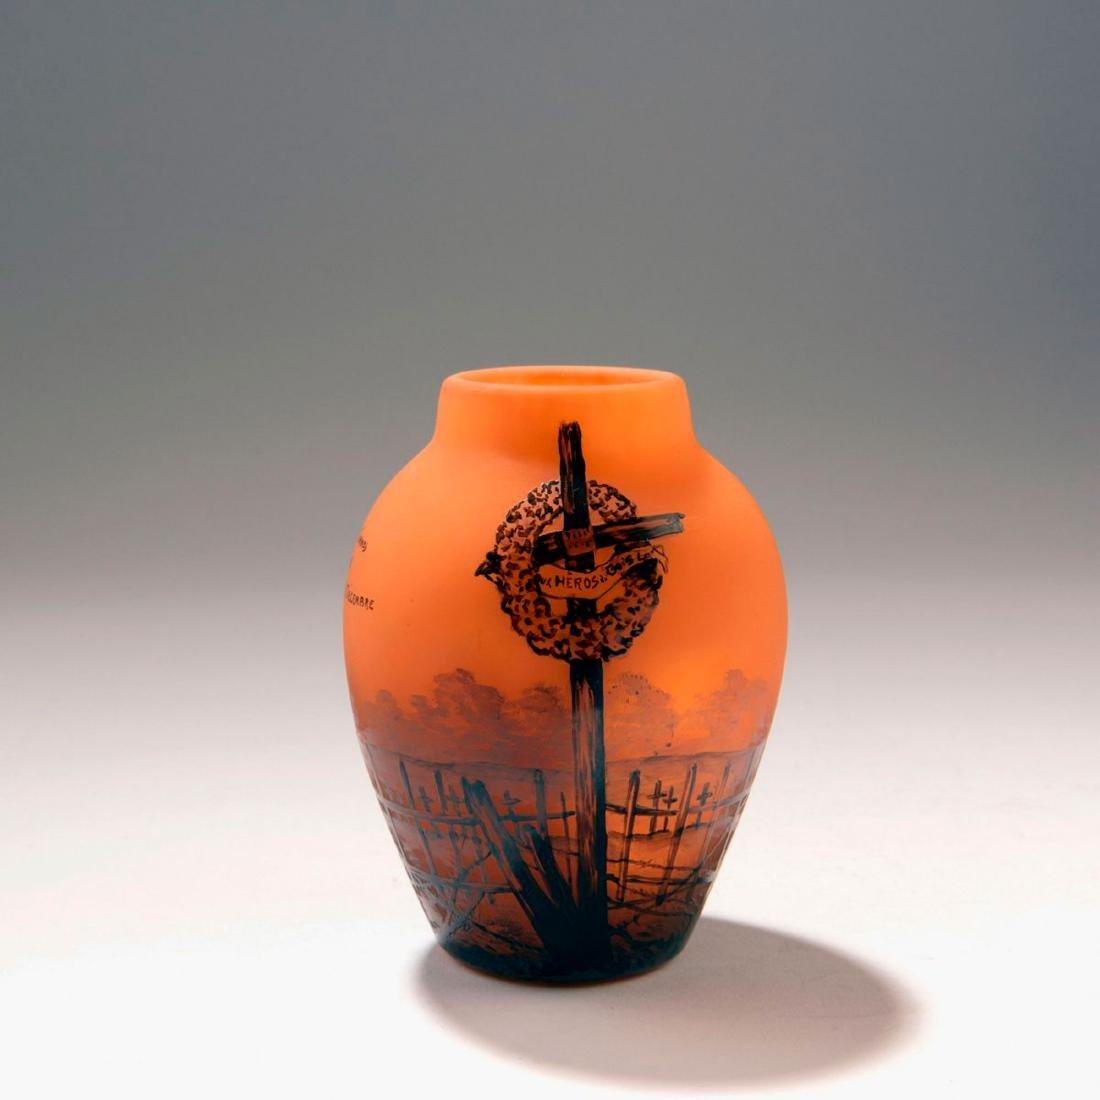 'Croix des Carmes' vase, dated 1920